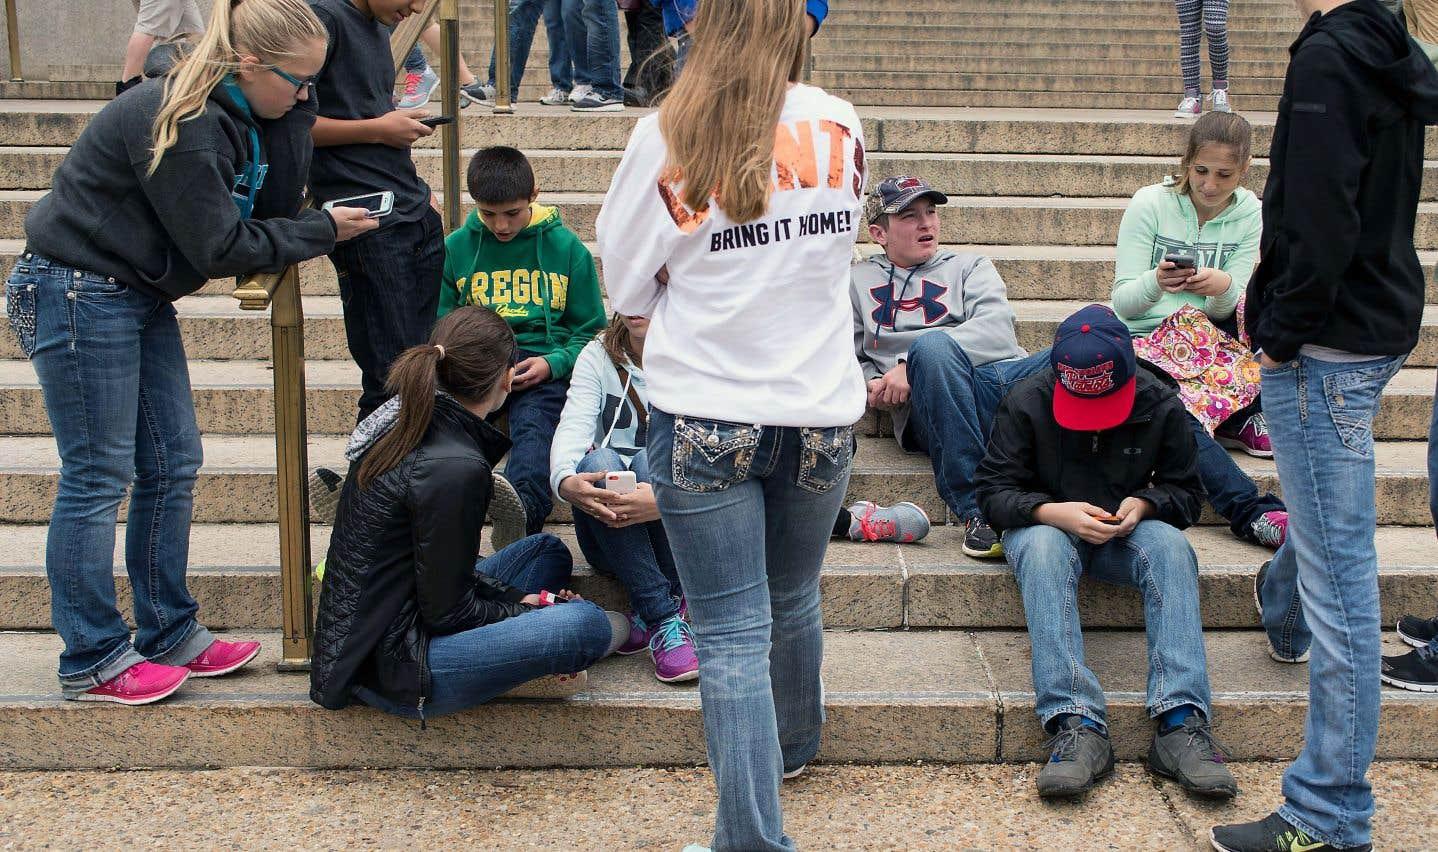 Nés avec un cellulaire dans la couche et un iPad en guise de hochet, les millénariaux sont des touristes du numérique à côté des jeunes de la génération Z.